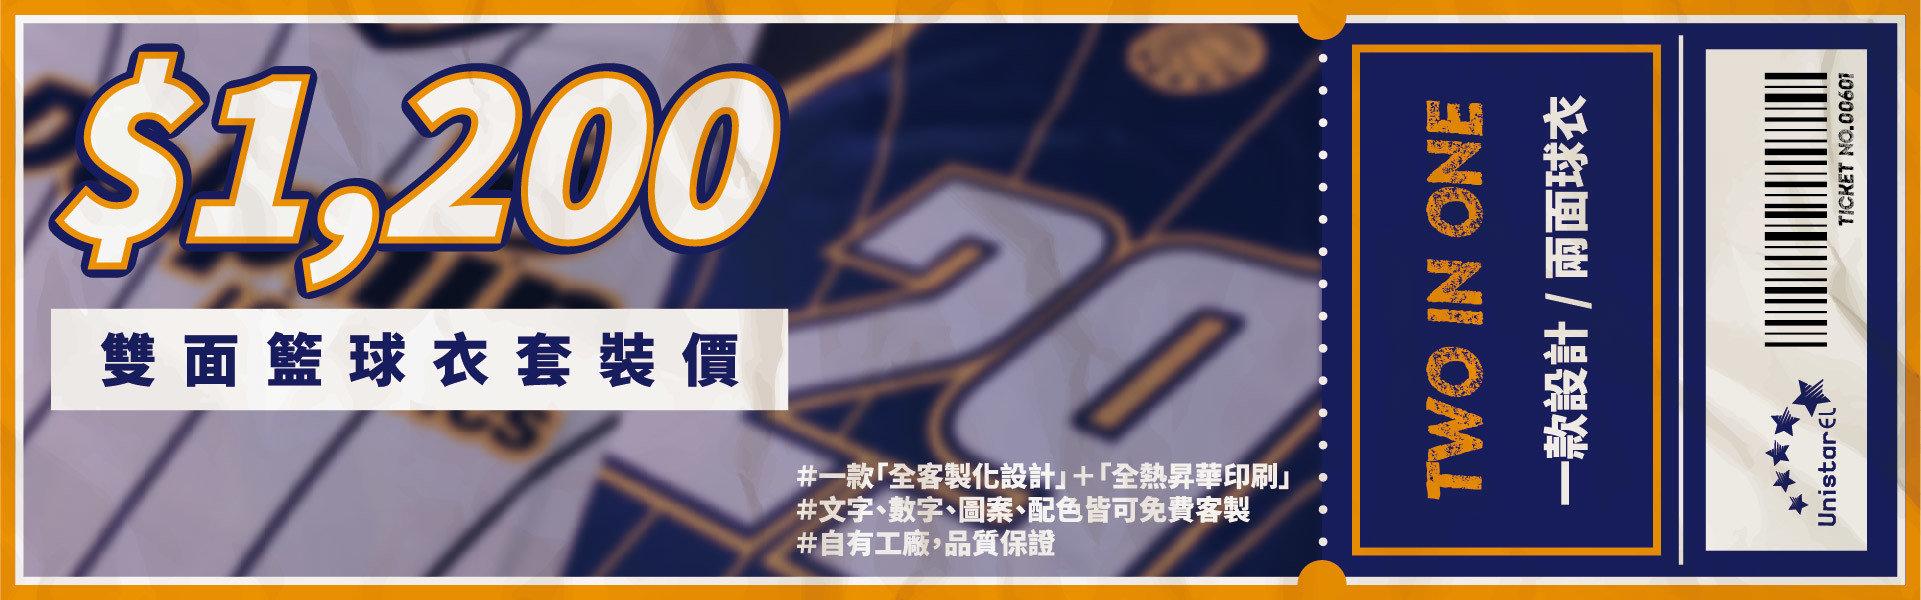 眾星實業客製化熱昇華雙面籃球服套裝1200